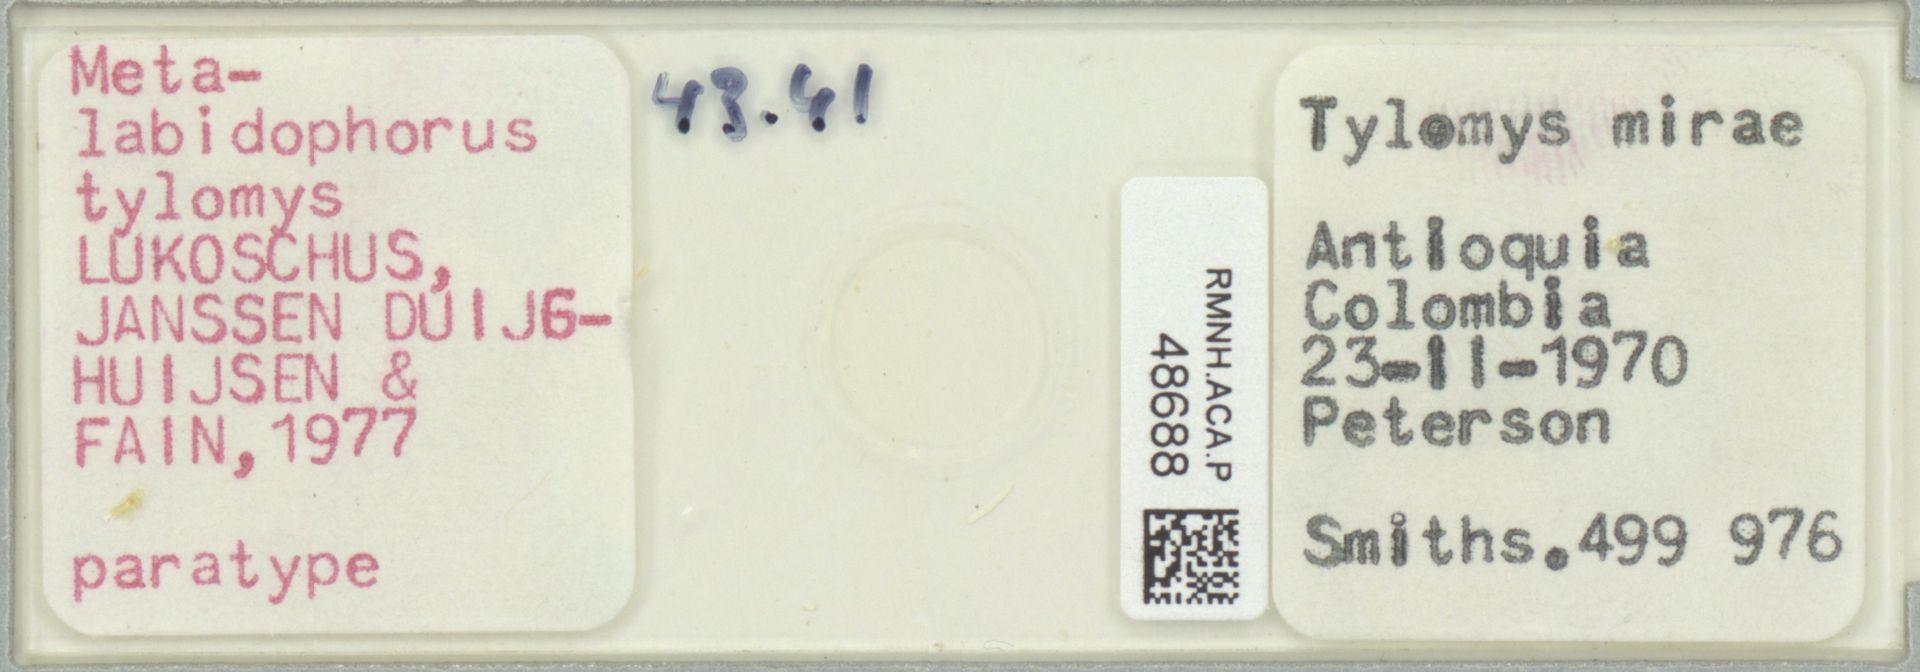 RMNH.ACA.P.48688 | Metalabidophorus tylomys Lukoschus, Janssen Duijghuijsen & Fain, 1977